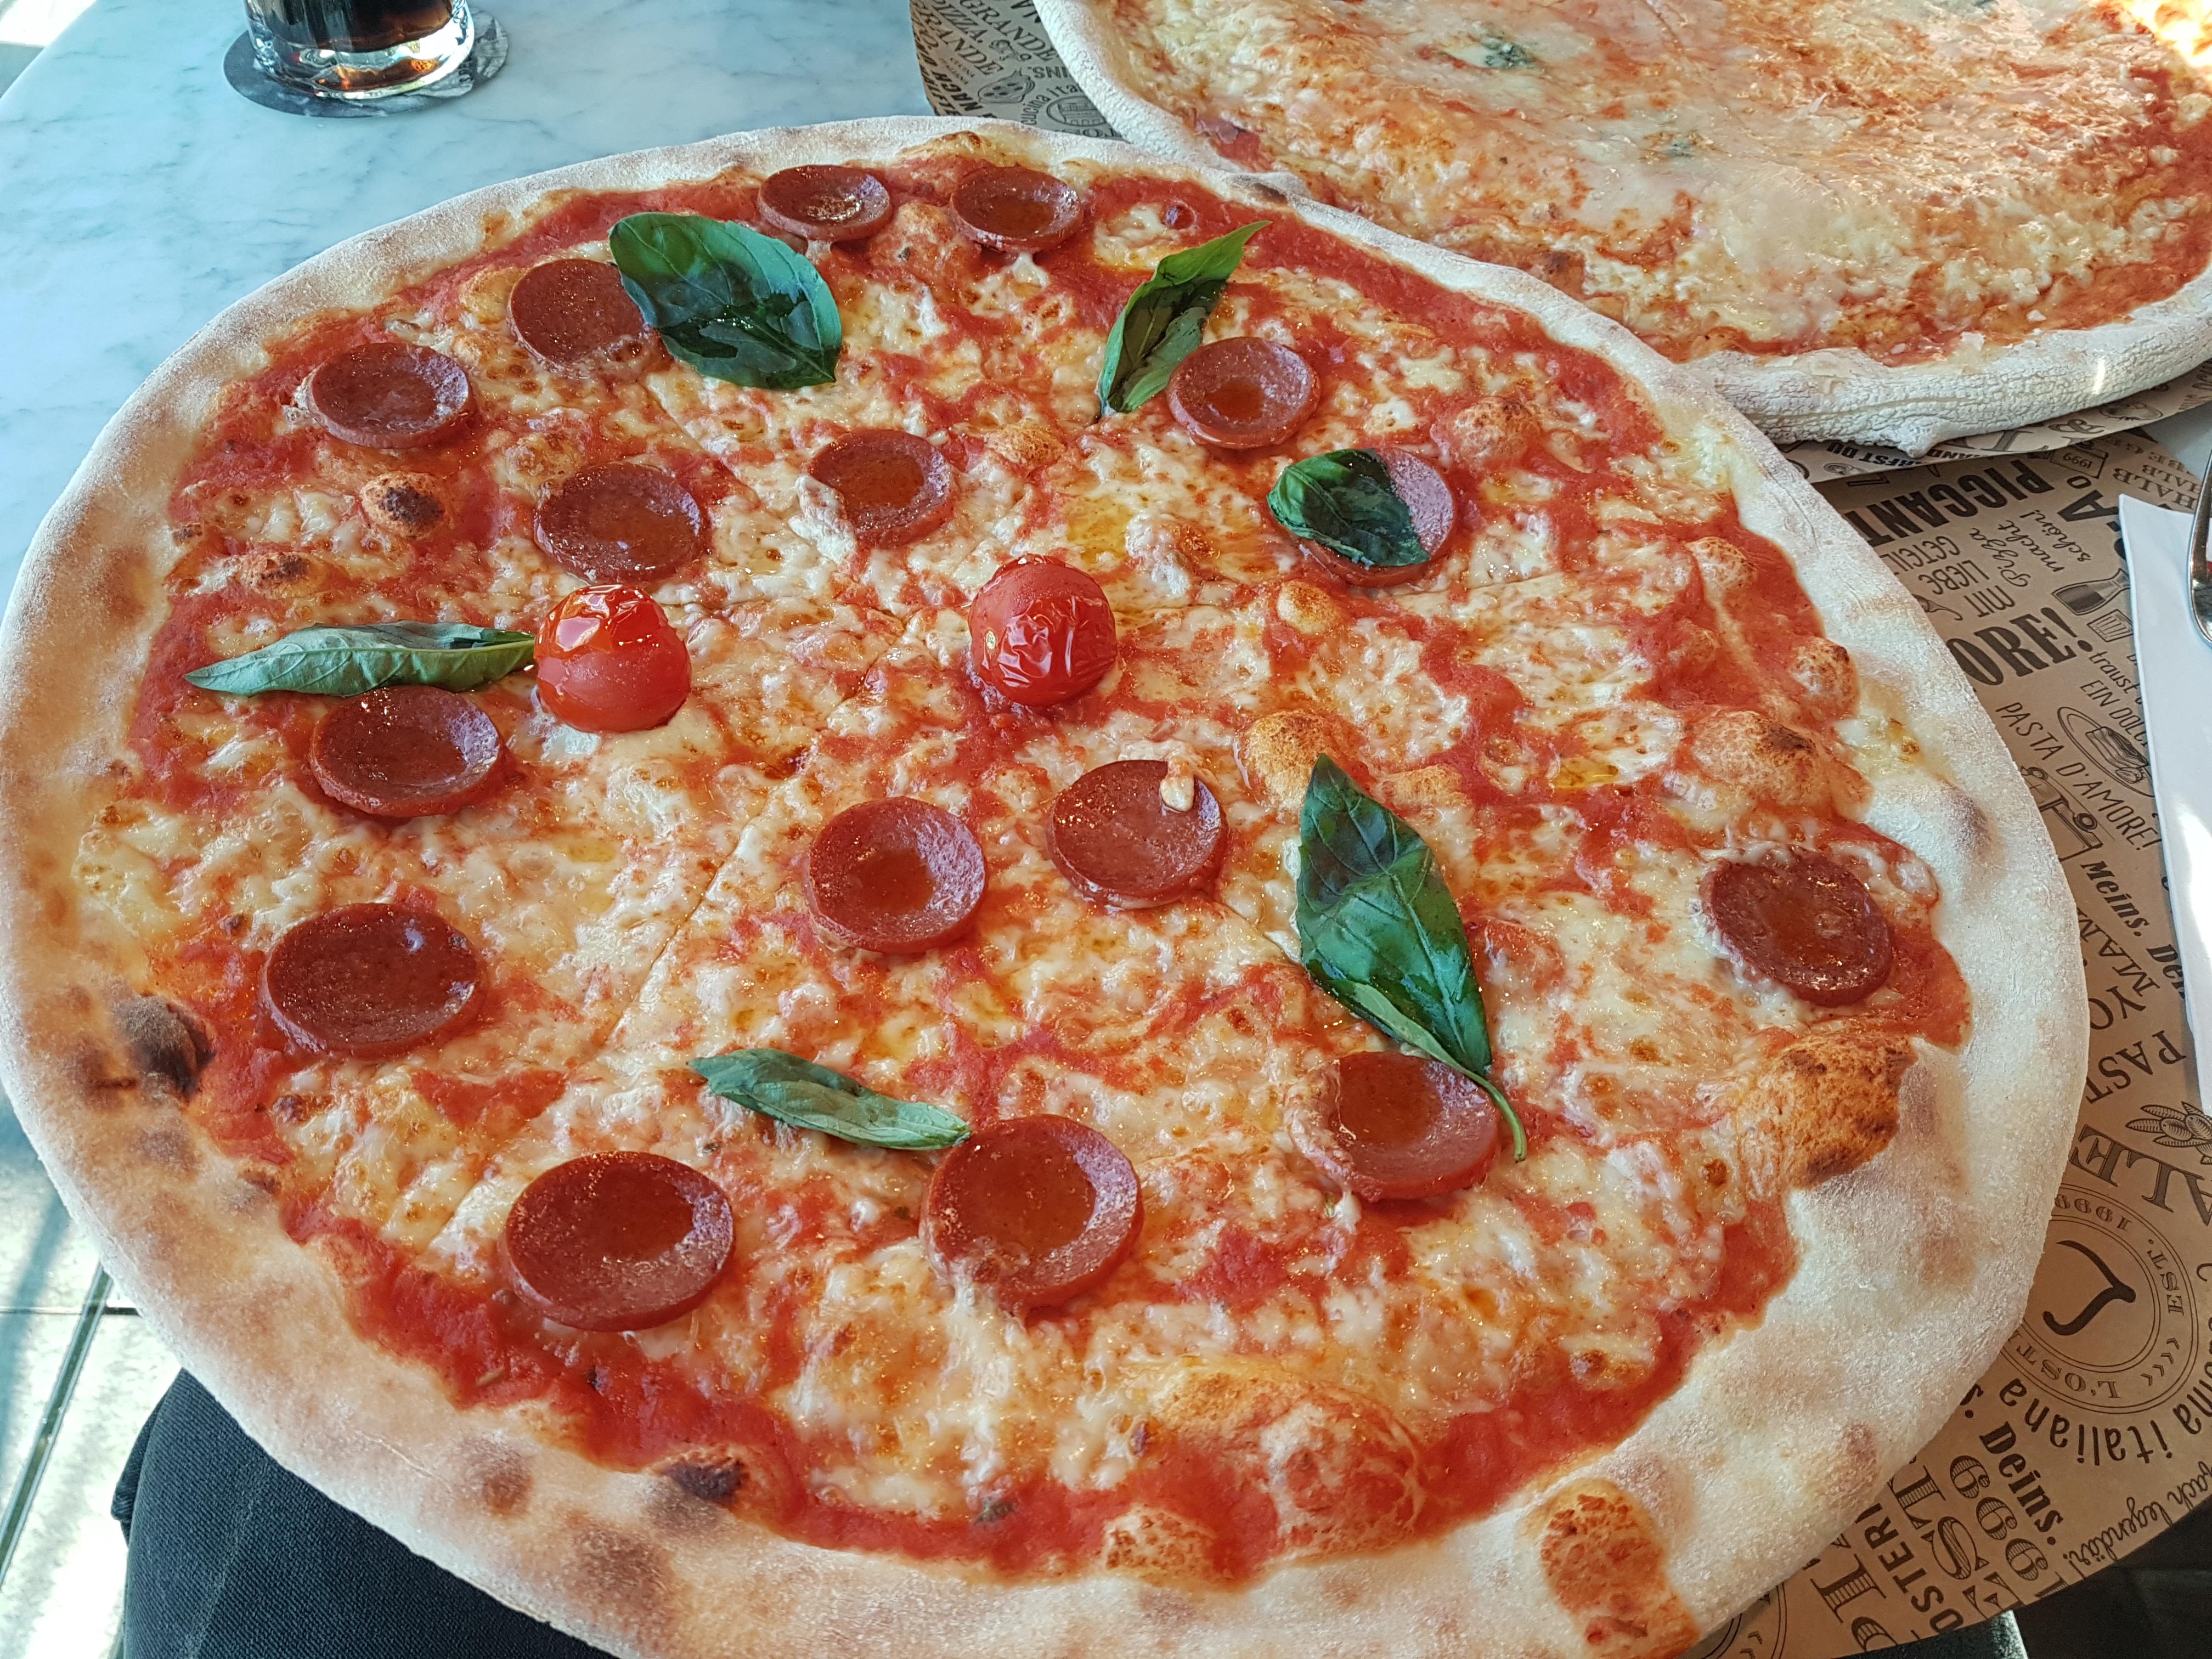 https://foodloader.net/Holz_2019-12-02_Pizza.jpg